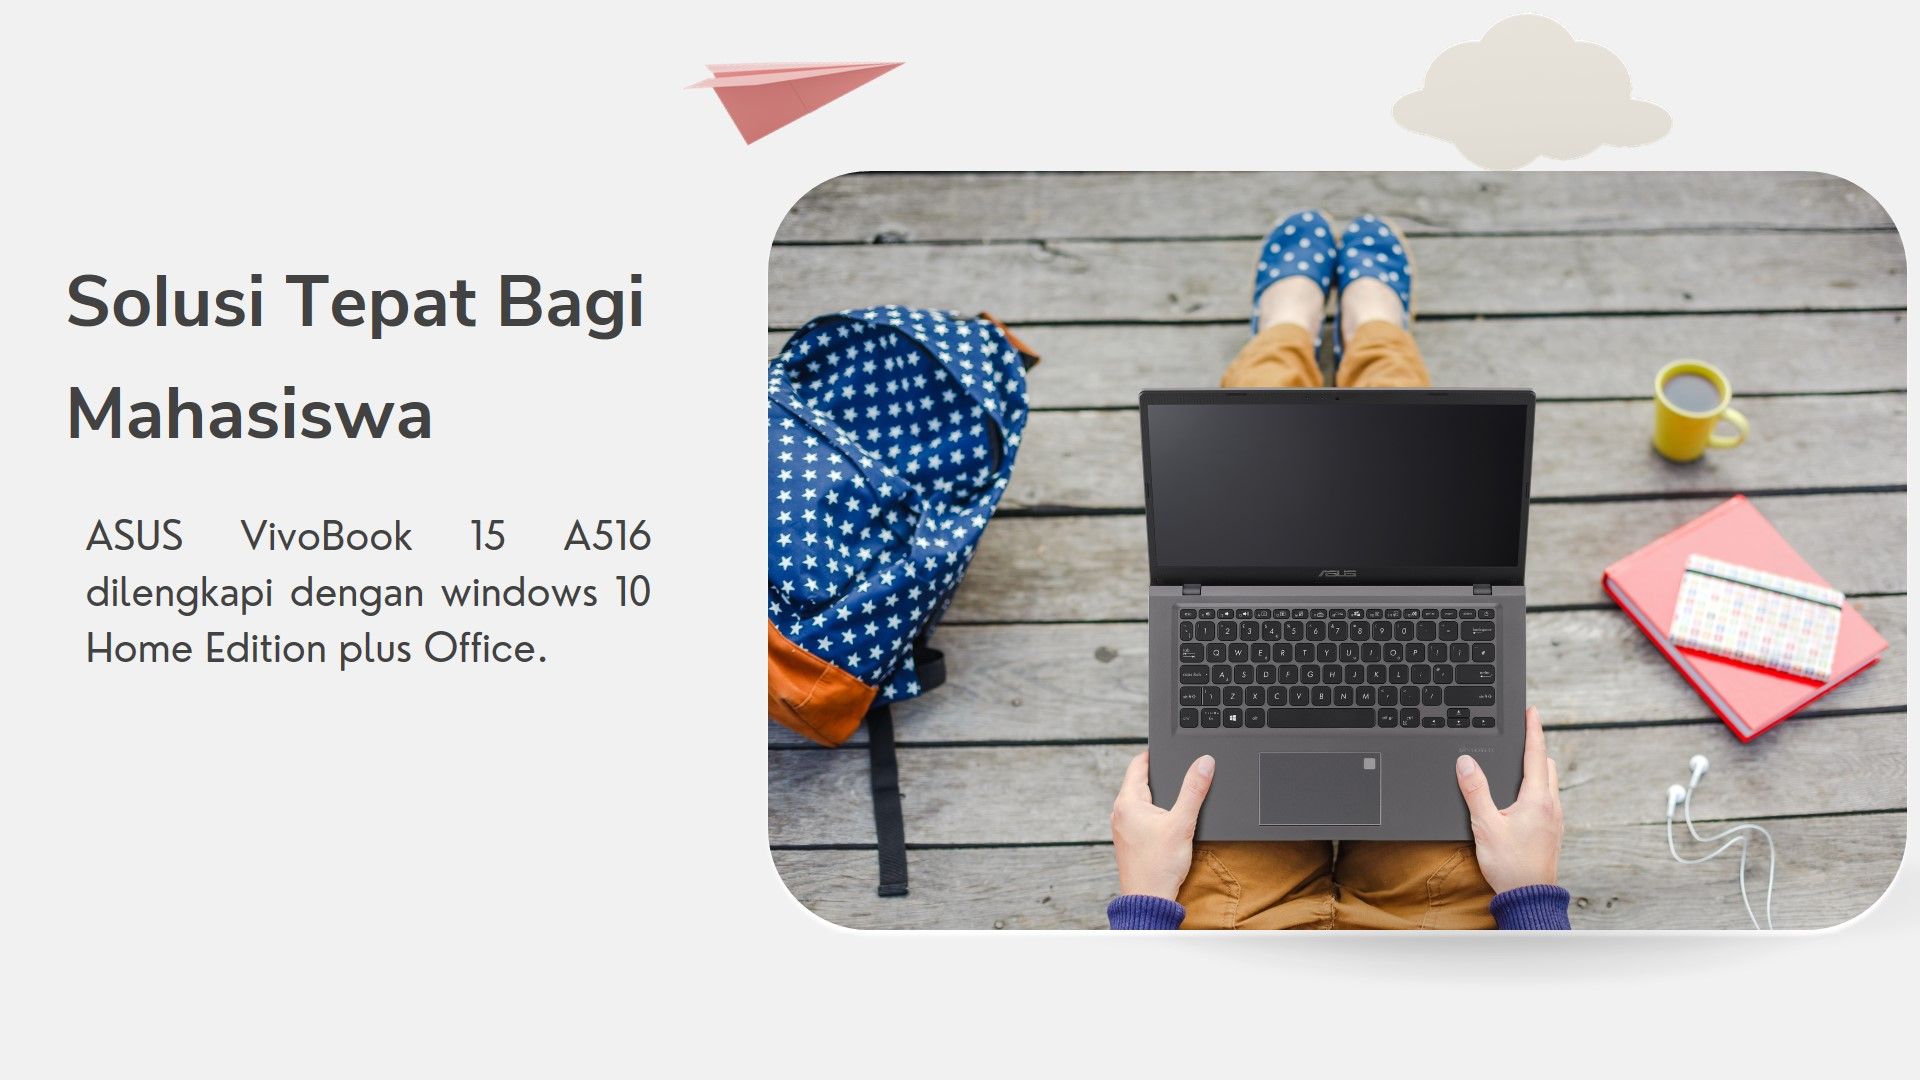 Kelebihan dan Kekurangan ASUS VivoBook 15 A516